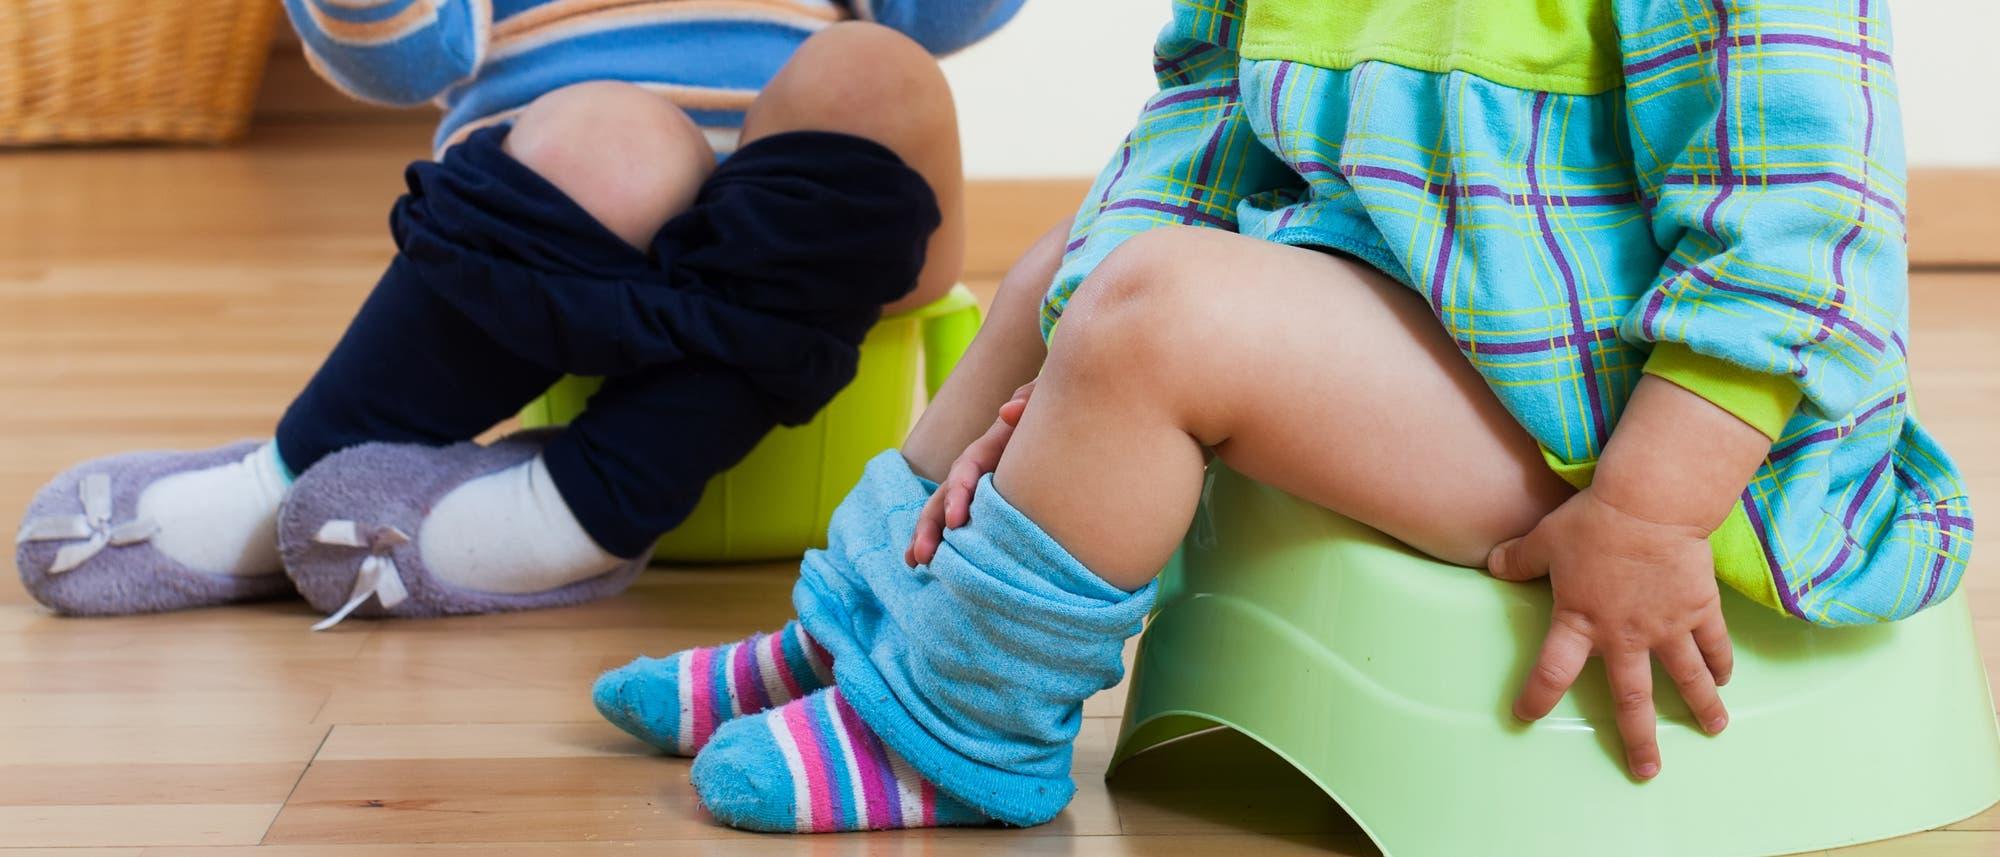 Wird die frühe Sozialisation im Kindergarten möglicherweise durch den Austausch von Darmbakterien begünstigt?